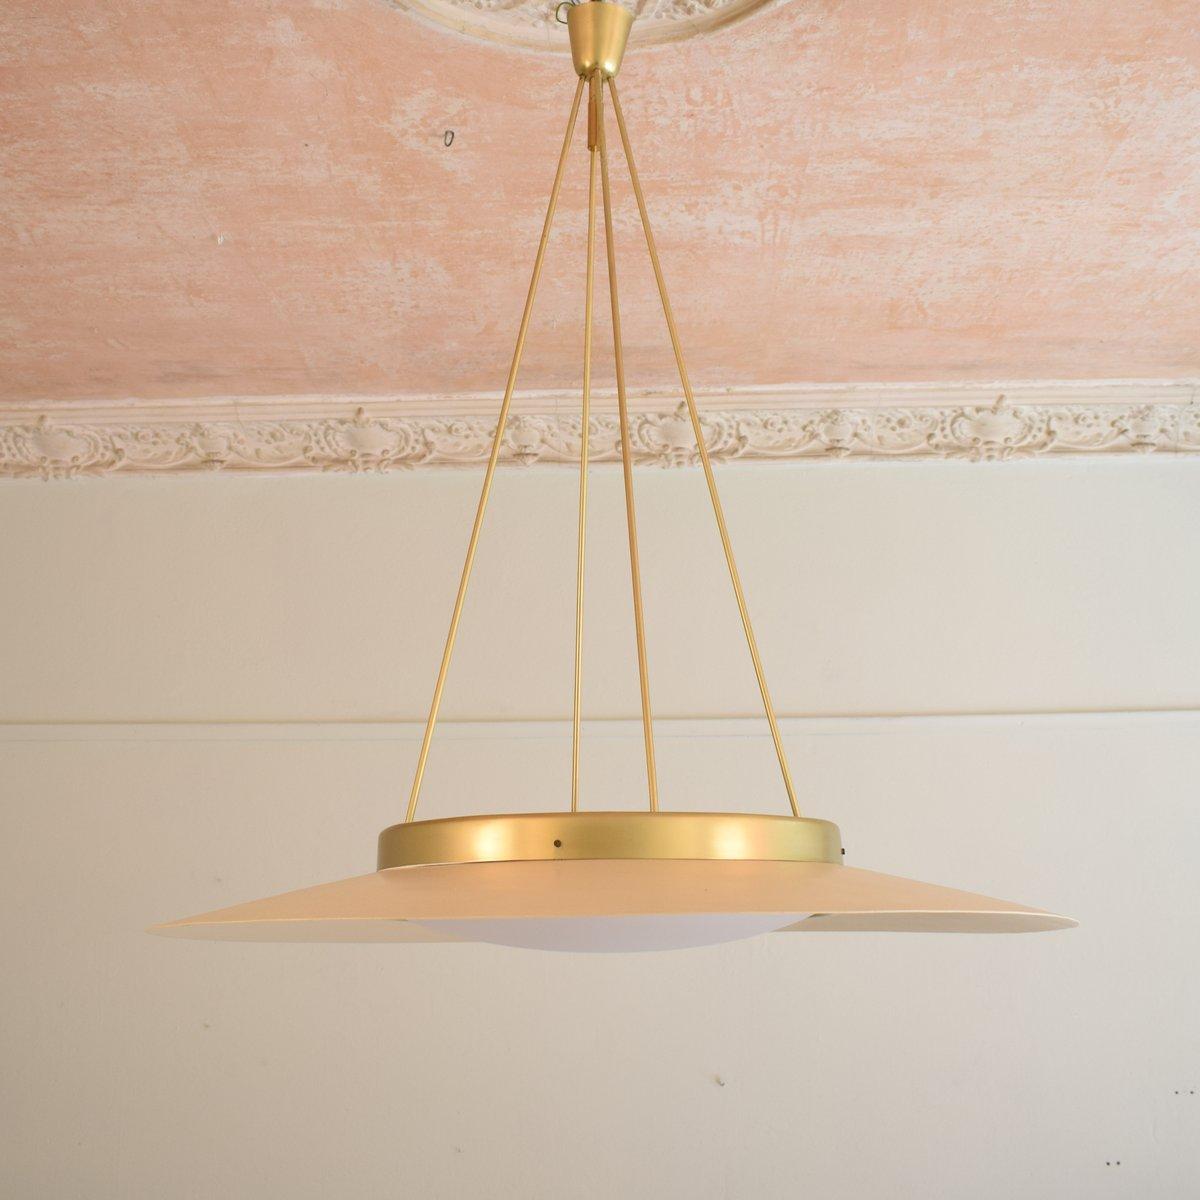 Großartig Messing Deckenlampe Foto Von Italienische Aus Lackiertem Metall & Messing, 1950er